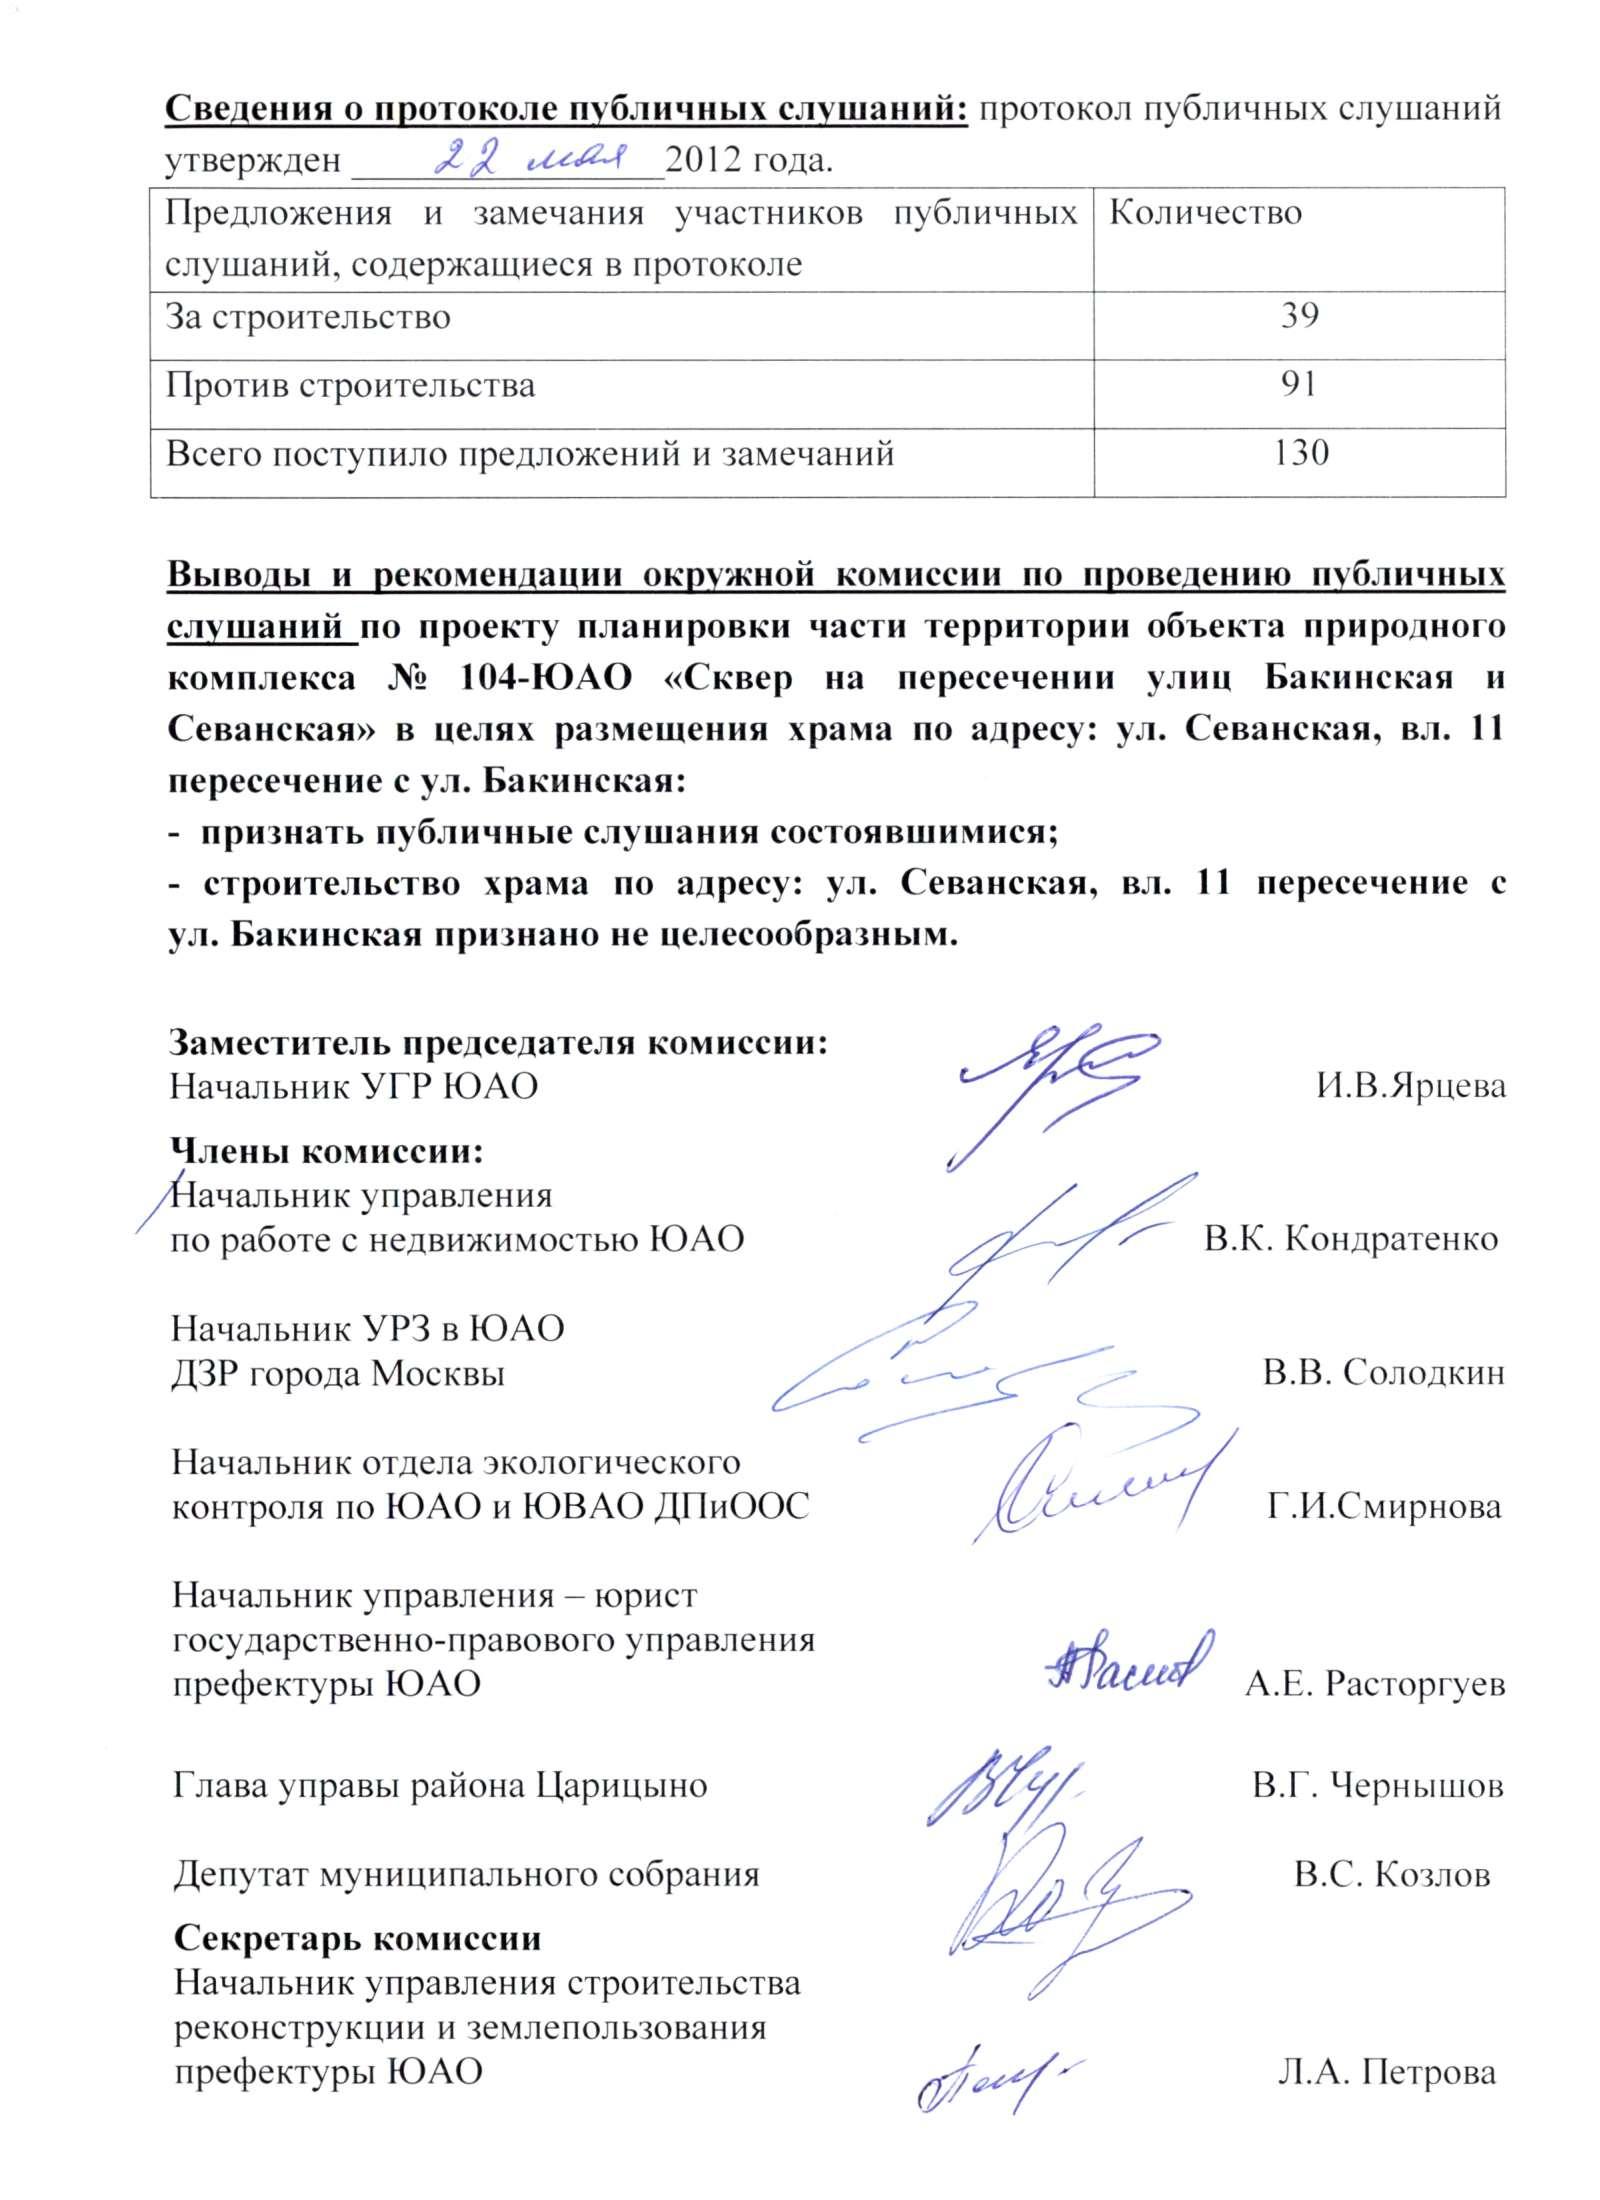 Sev11_207_2